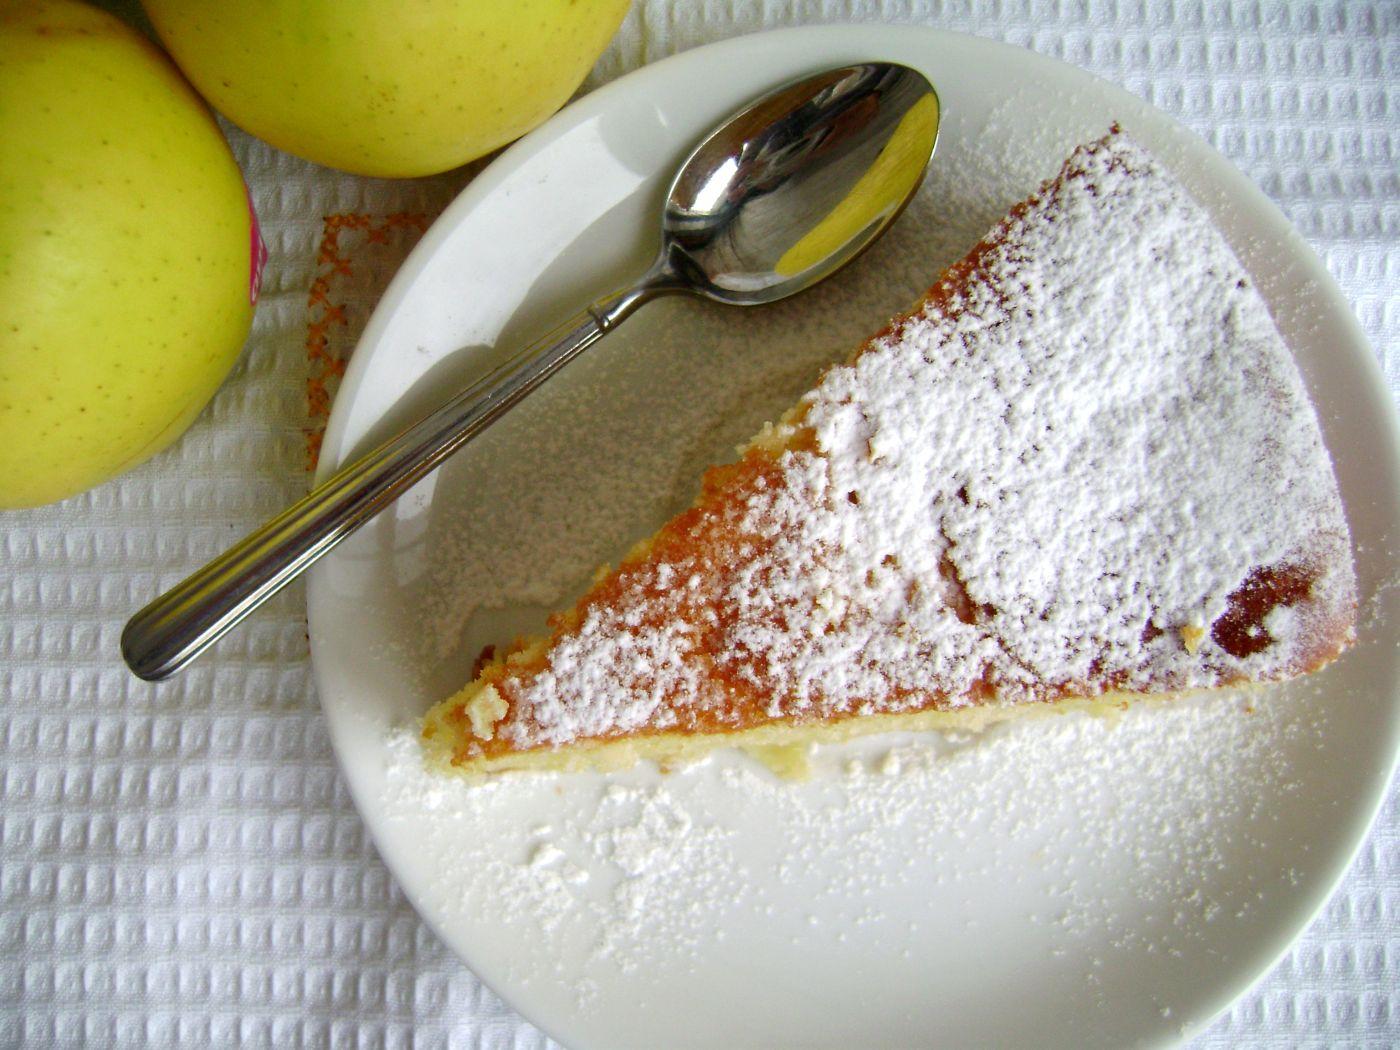 torta_di_mele_al_limoncello.jpg